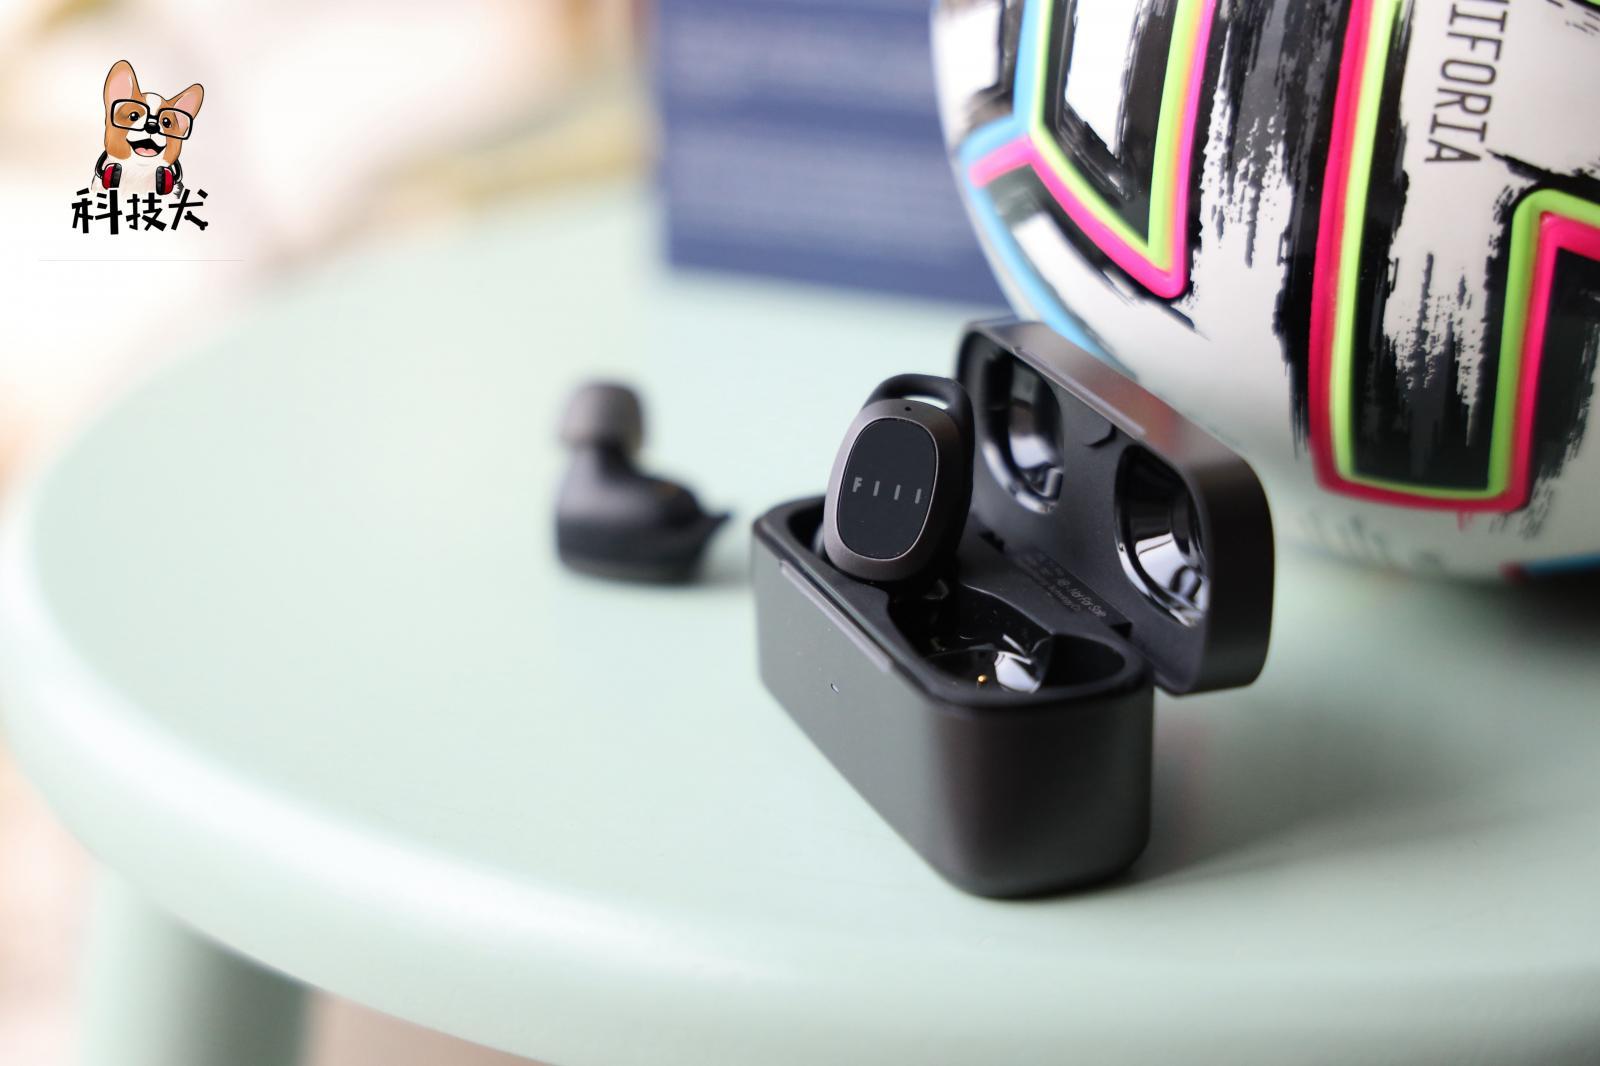 FIIL T1 PRO 真无线降噪耳机评测:五百预算好选择